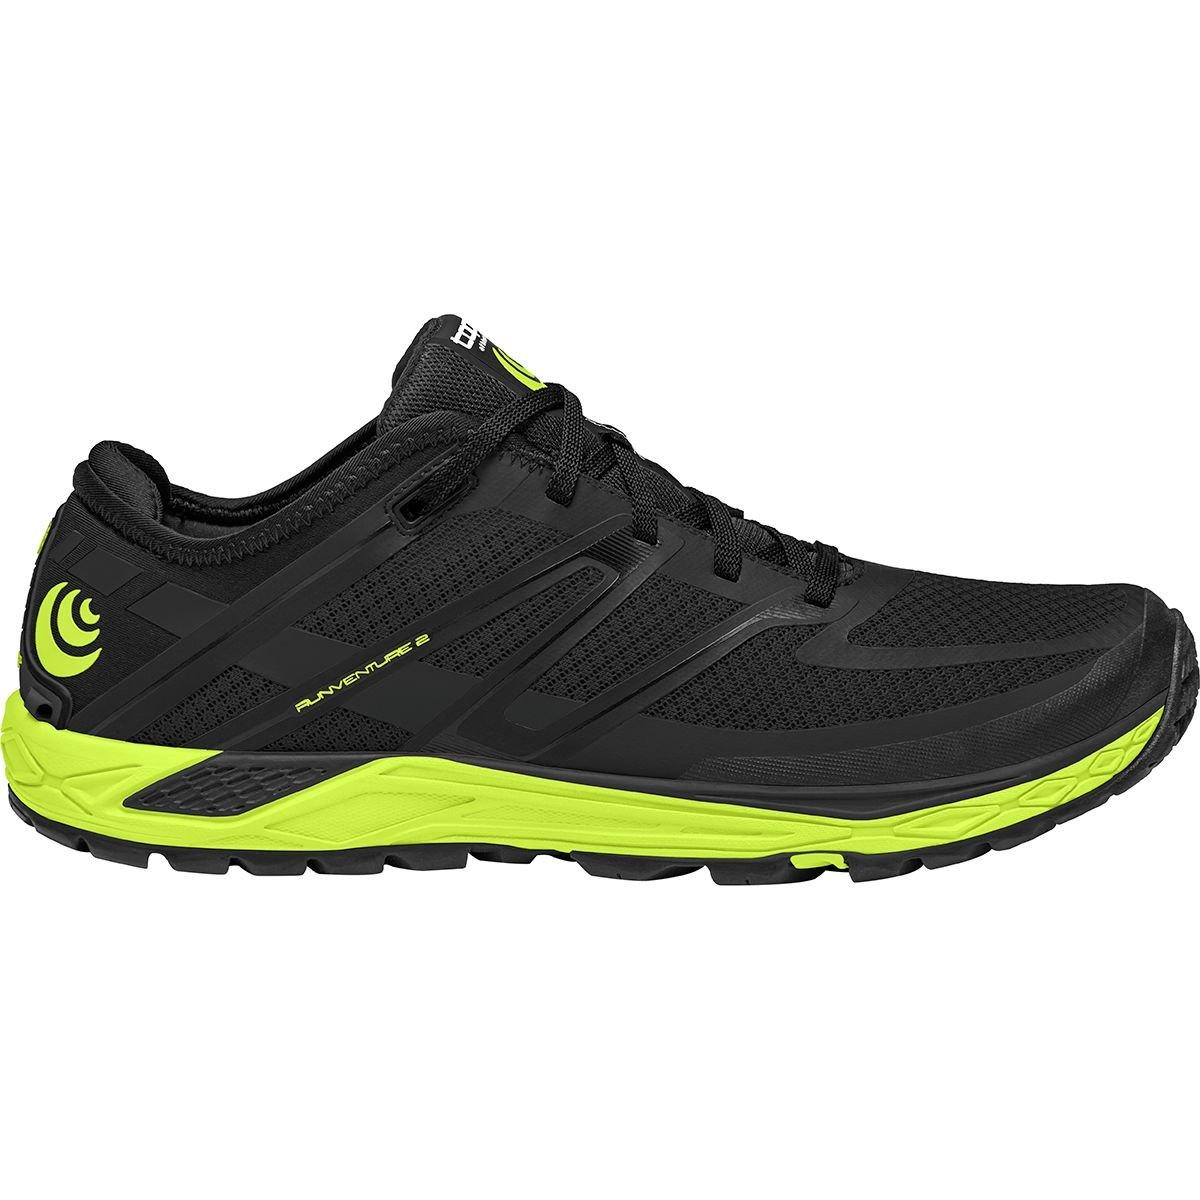 最高の品質 [トポアスレチック] メンズ ランニング Runventure Runventure 10.5 2 Trail [並行輸入品] Running Shoe [並行輸入品] B07G3S6JBC 10.5, カニグン:998cf8e7 --- xn--paiius-k2a.lt